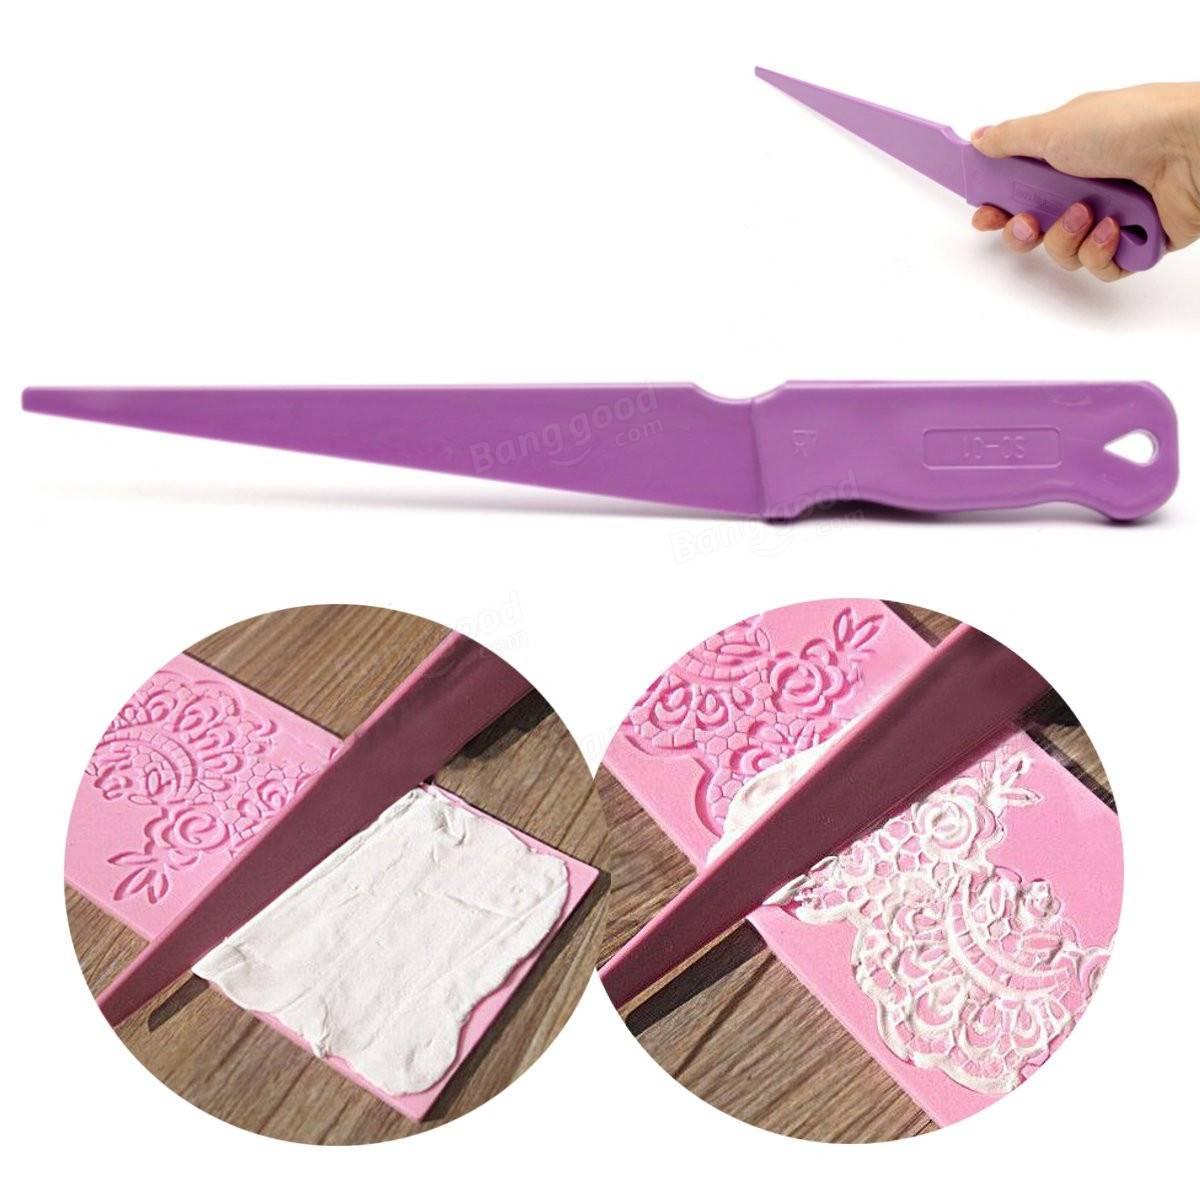 Cake Decorating Craft Knife